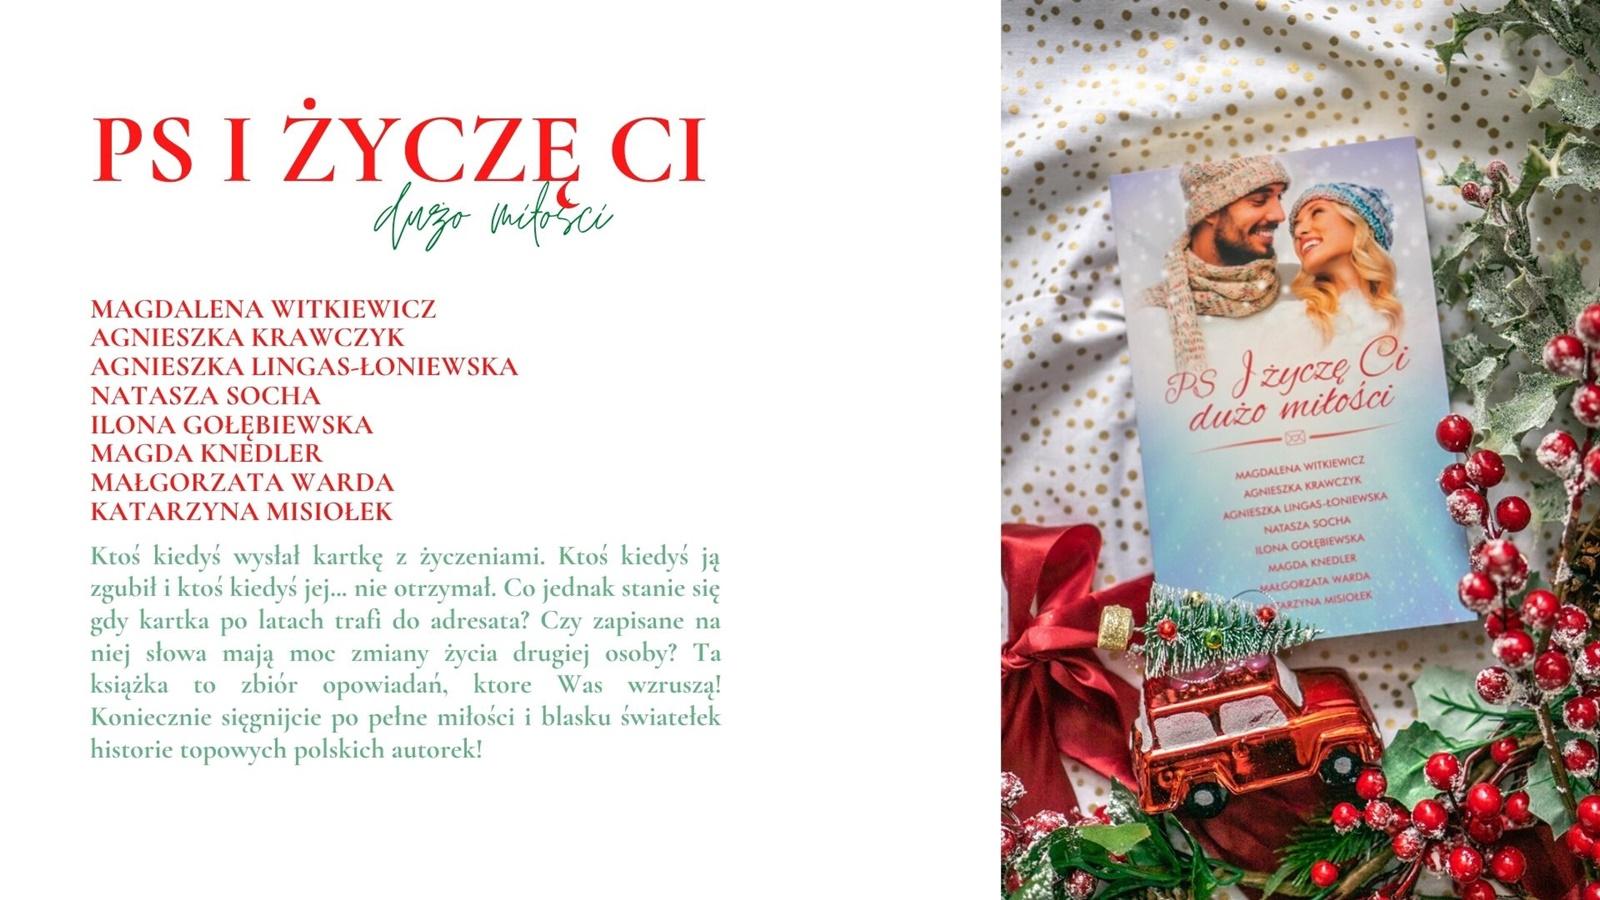 świąteczne książki powieści idealne na zimę polskie książki autorki co na prezent pomysł mamy dziewczyny książkoholiczki zimowe upominki na gwiazdkę zimowe powieści o świętach  boże narodzenie